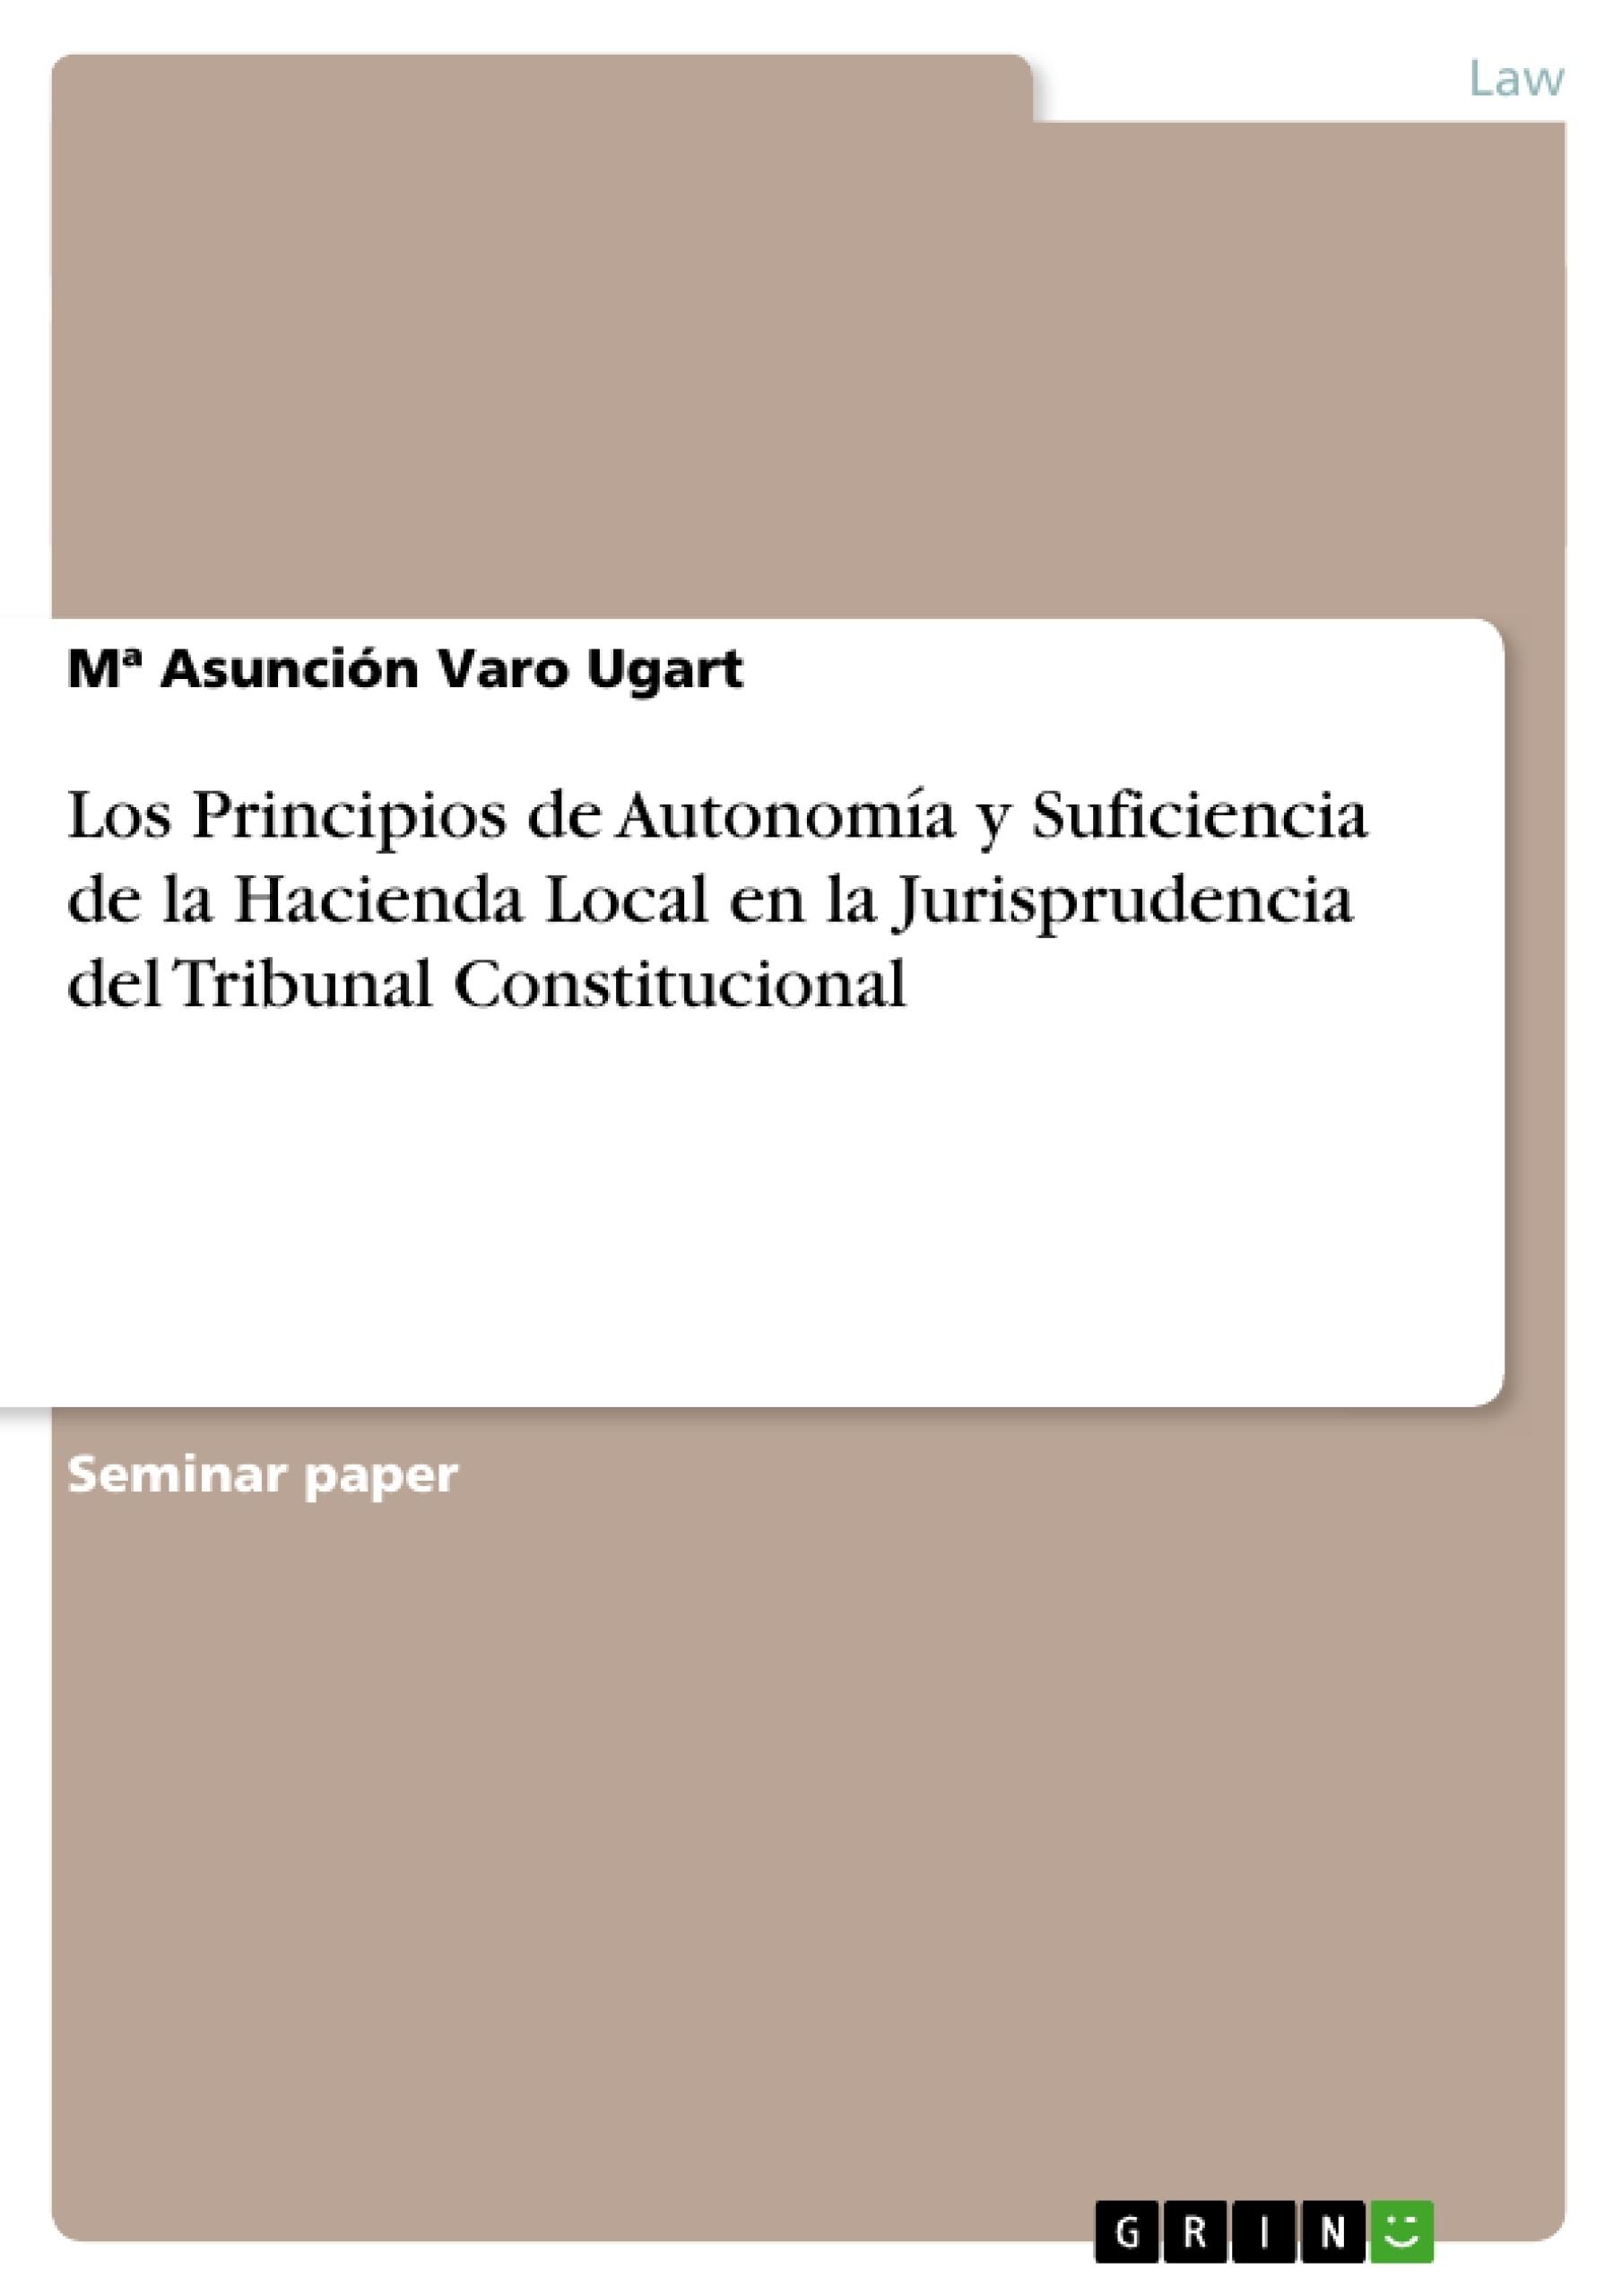 Título: Los Principios de Autonomía y Suficiencia de la Hacienda Local en la Jurisprudencia del Tribunal Constitucional